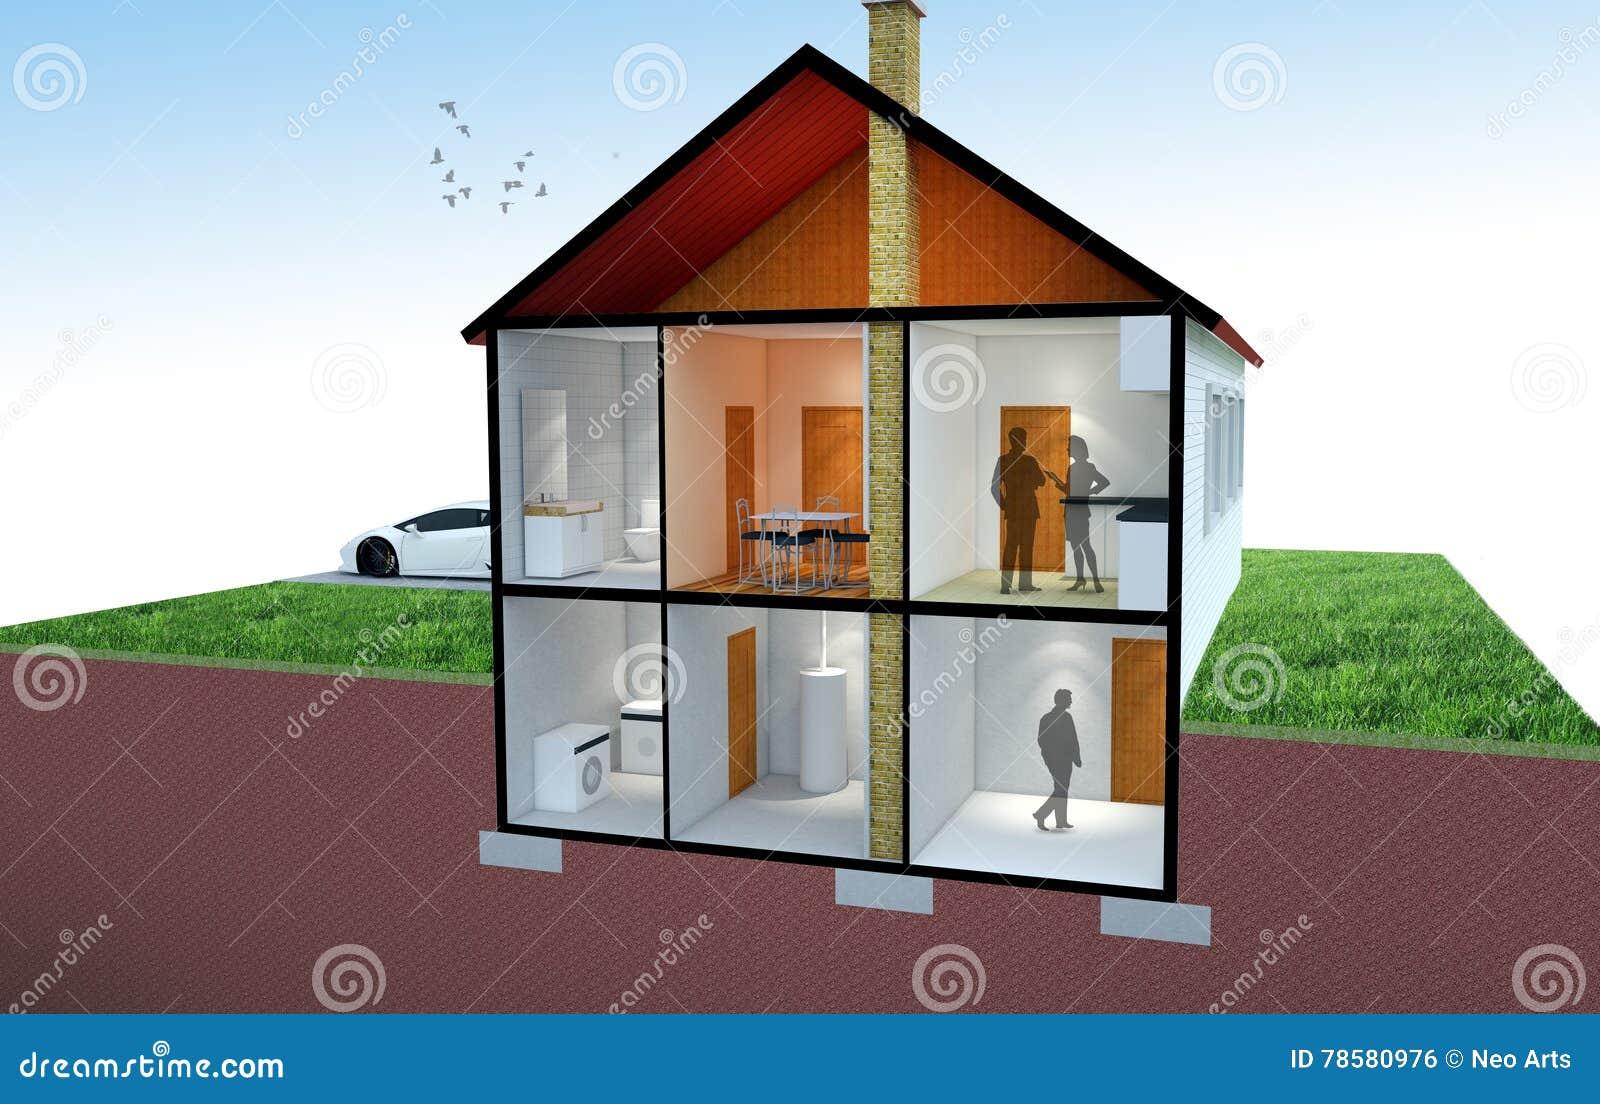 Wiedergabe 3D eines Hausabschnitts